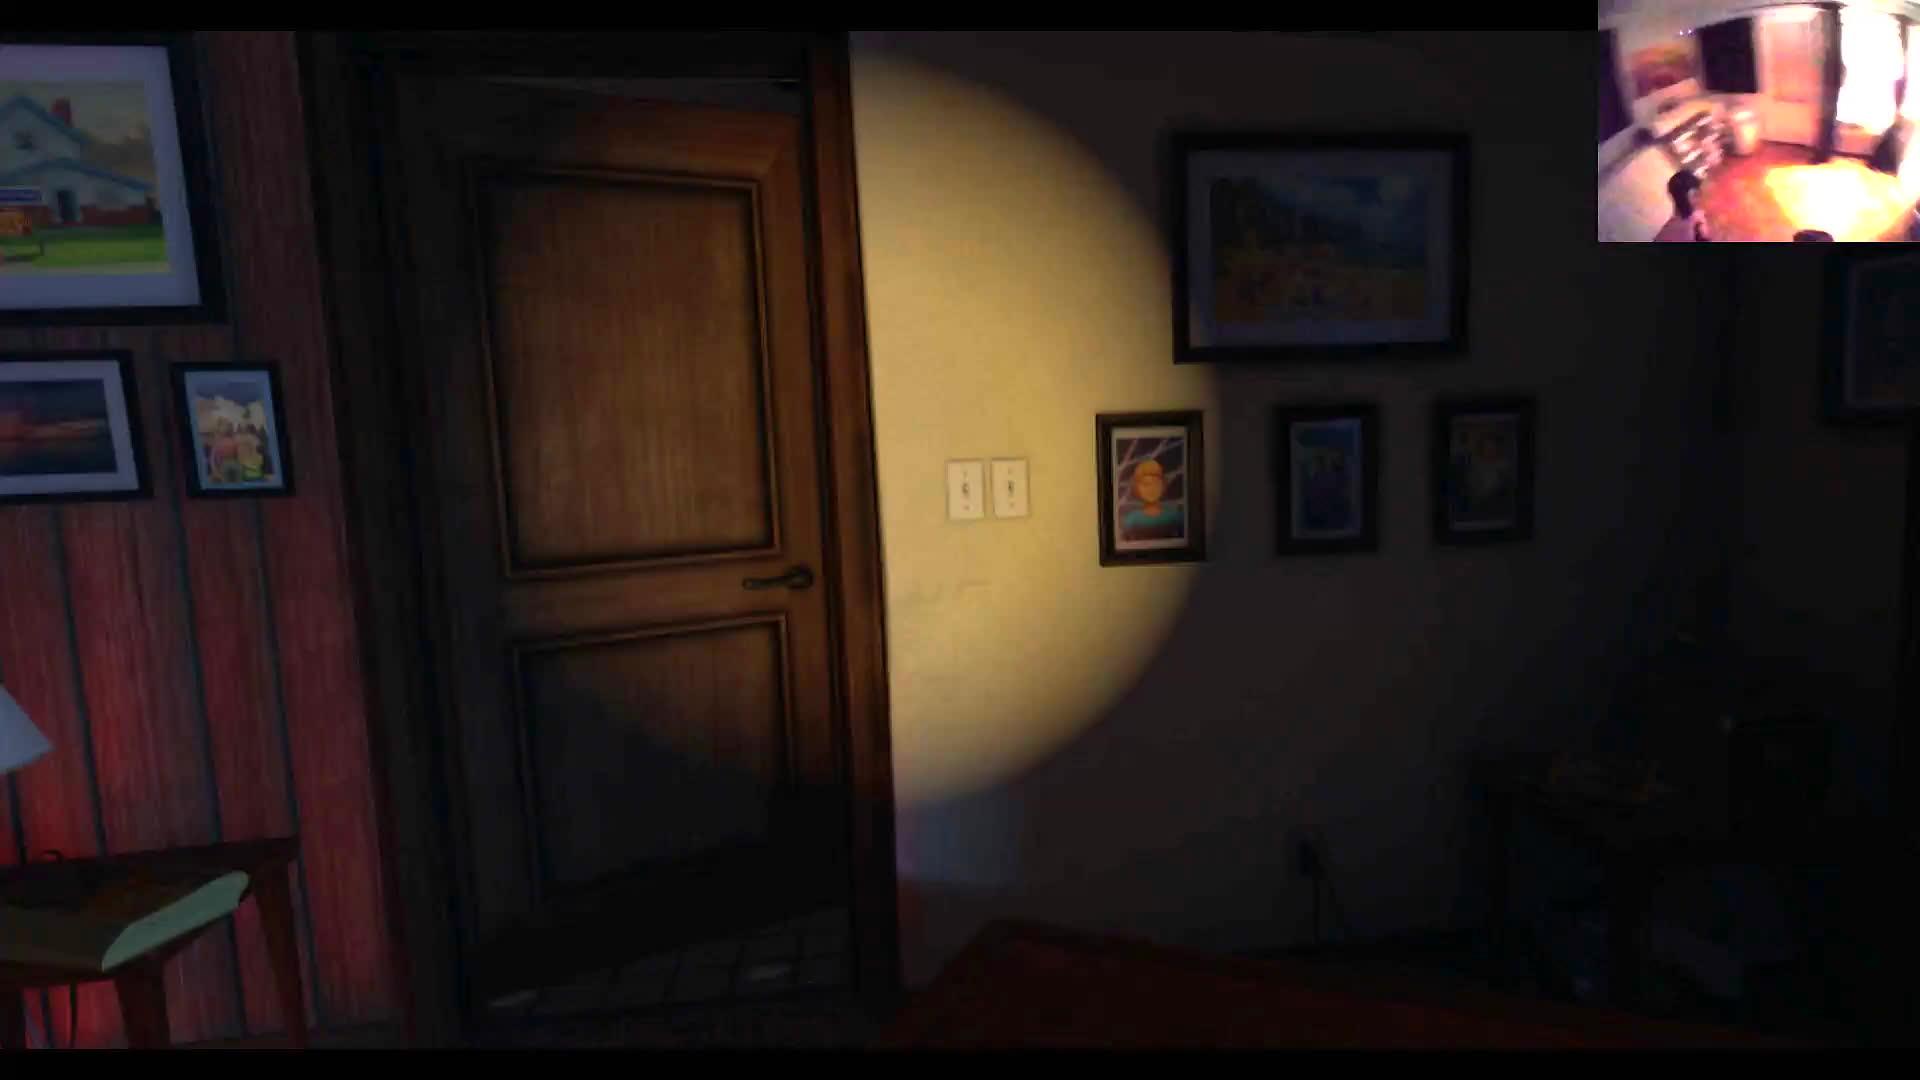 Death in VR, Death in RL. GIFs